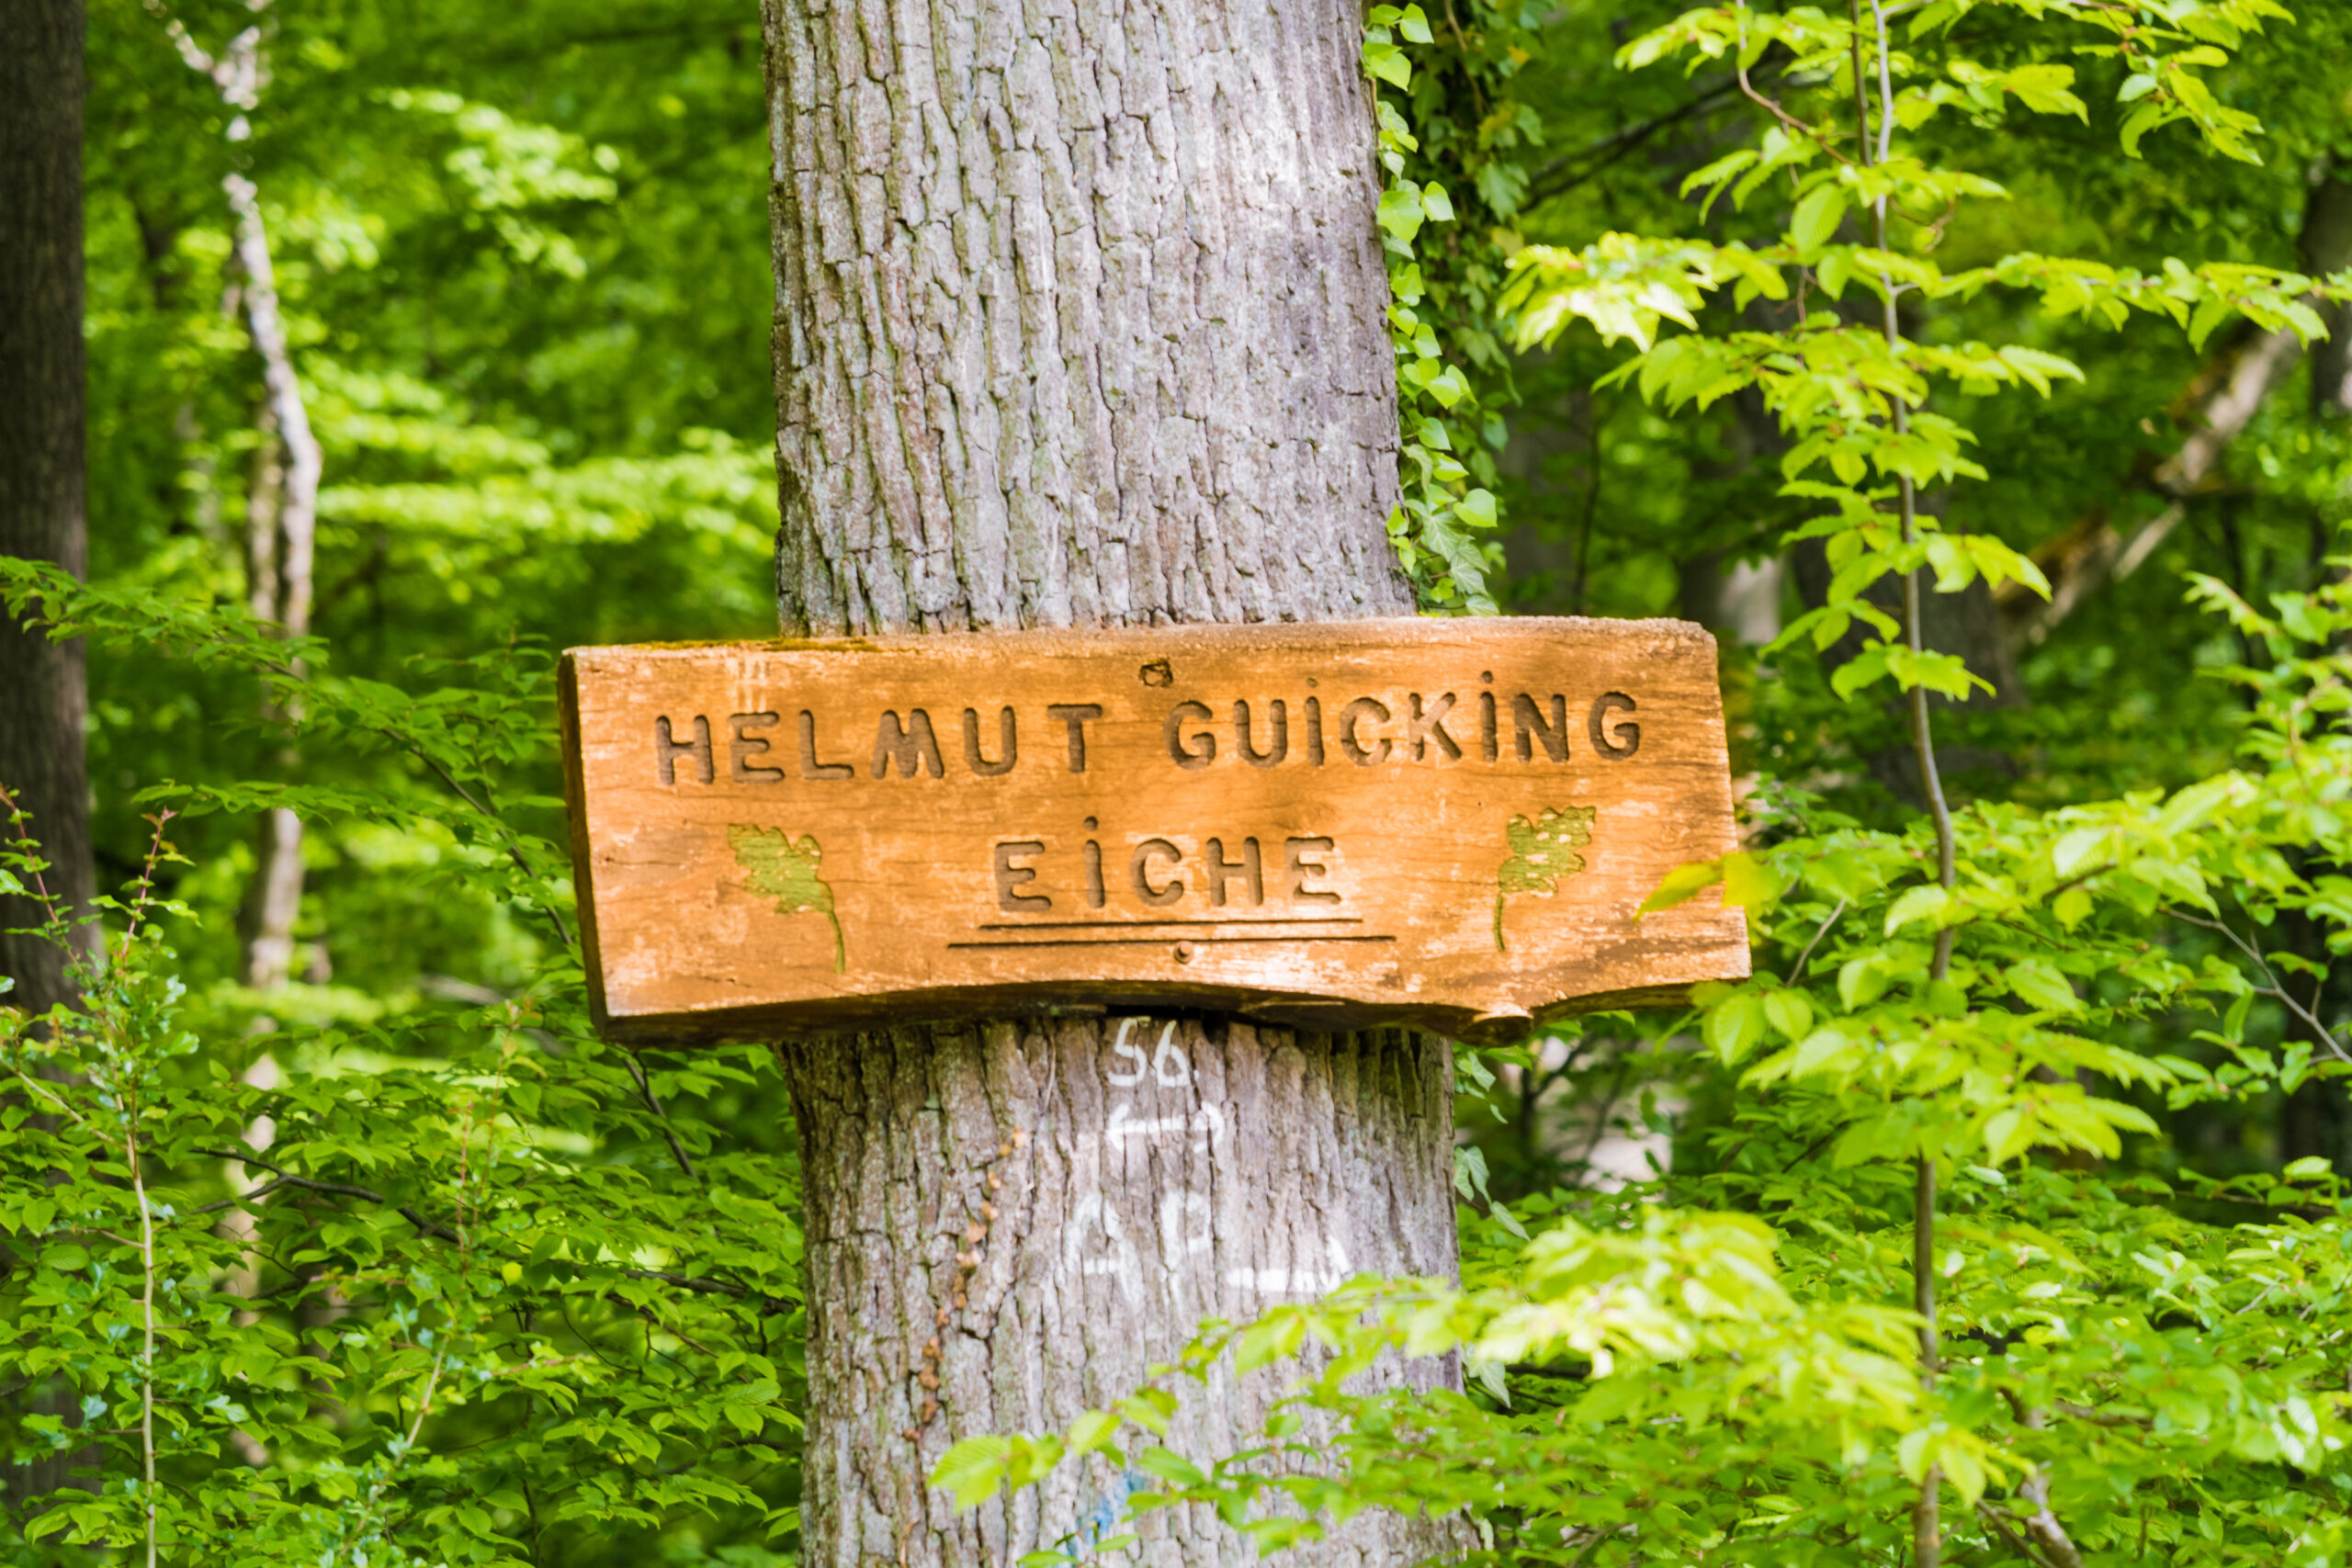 Helmut Guicking Eiche nahe dem Rittergut Wanfried